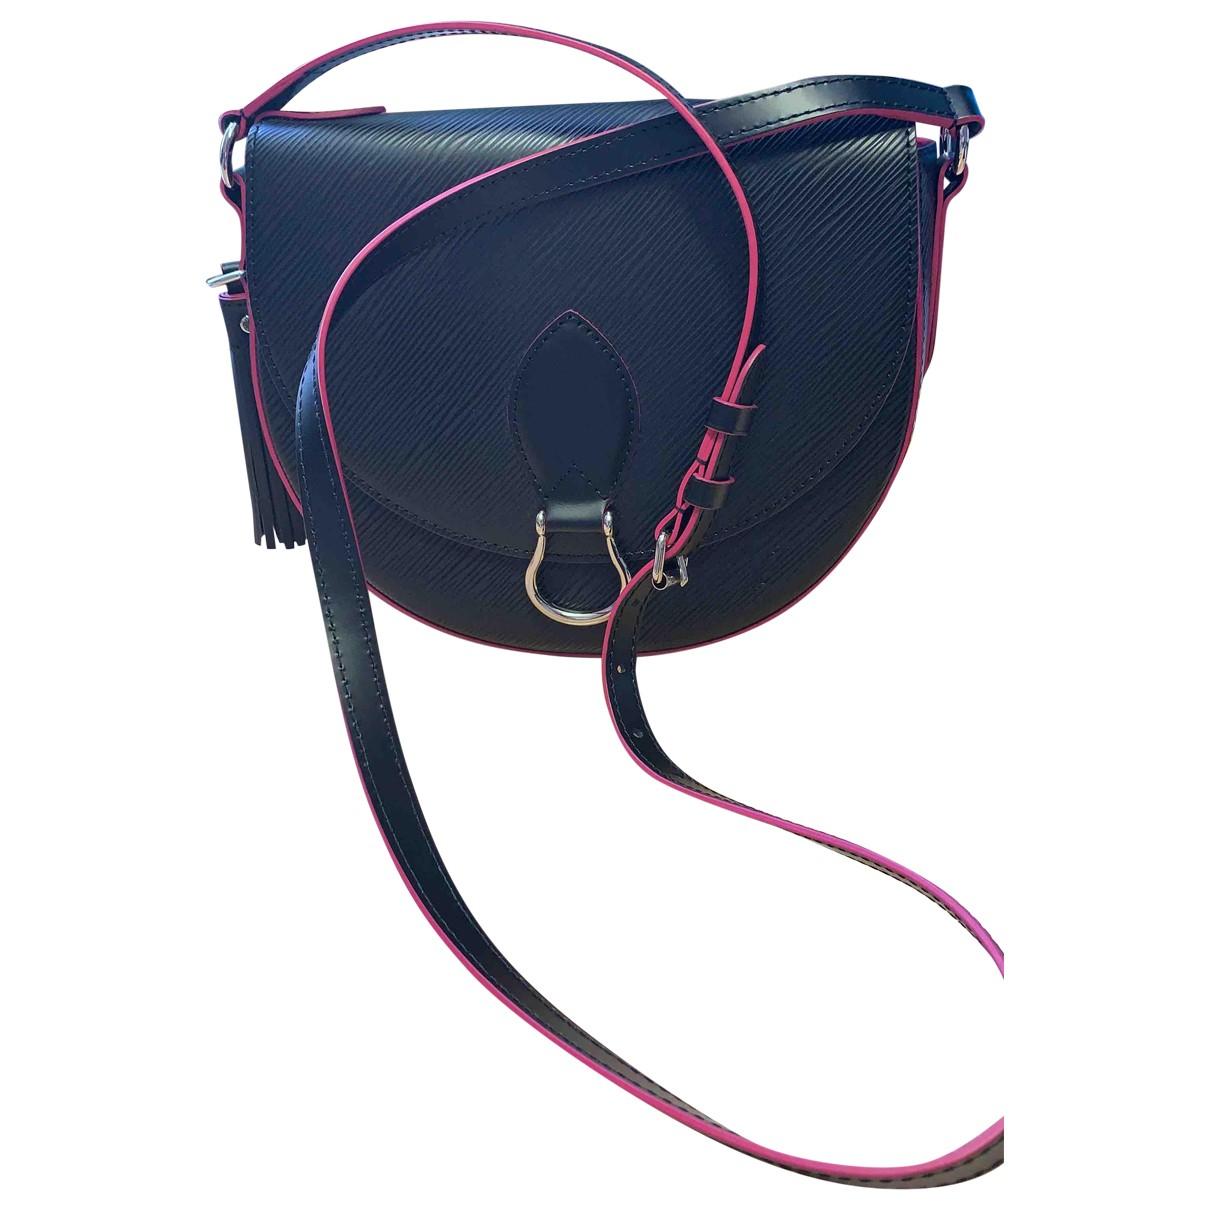 Louis Vuitton - Sac a main Saint Cloud pour femme en cuir - noir